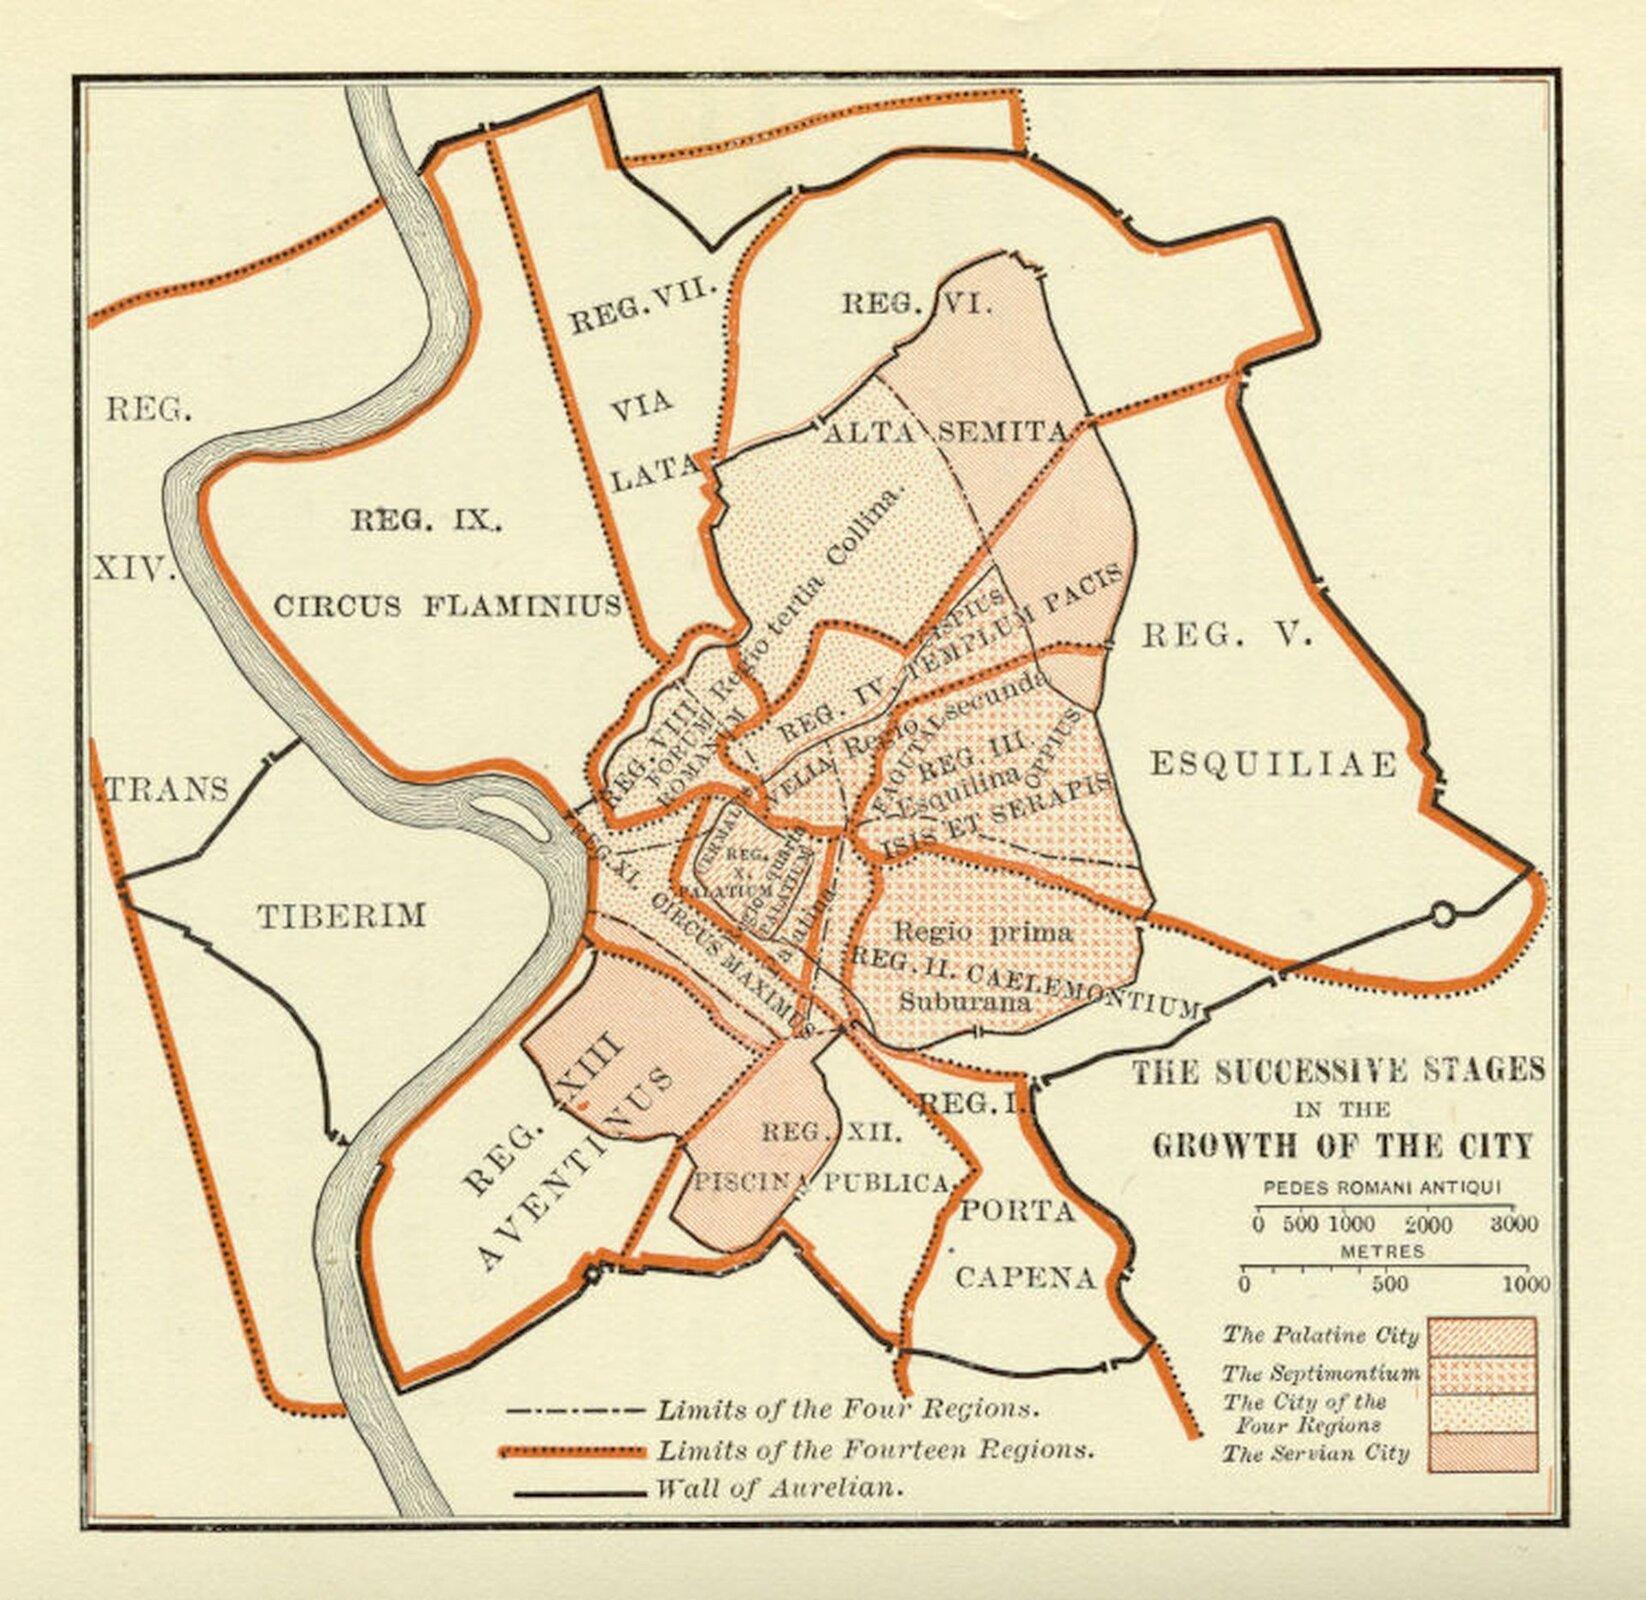 Ilustracja przedstawia rozrost miasta Rzymu na przestrzeni wieków. Wkwadratowej ramce znajduje się plan Rzymu, na którym naniesione są linie. Zdołu prawej strony ilustracji widoczna jest skala oraz legenda – różne wzory oznaczają granice rozwoju miasta. Czarna przerywana linia oznacza granice tzw. czterech regionów miasta Rzymu tj. Suburane, Esquilinę, Collin, Palatinę. Linią pomarańczową oznaczone zostały granice czternastu regionów Rzymu. Linią czarną zostały oznaczony Mur Aureliana, który chronił miasto.